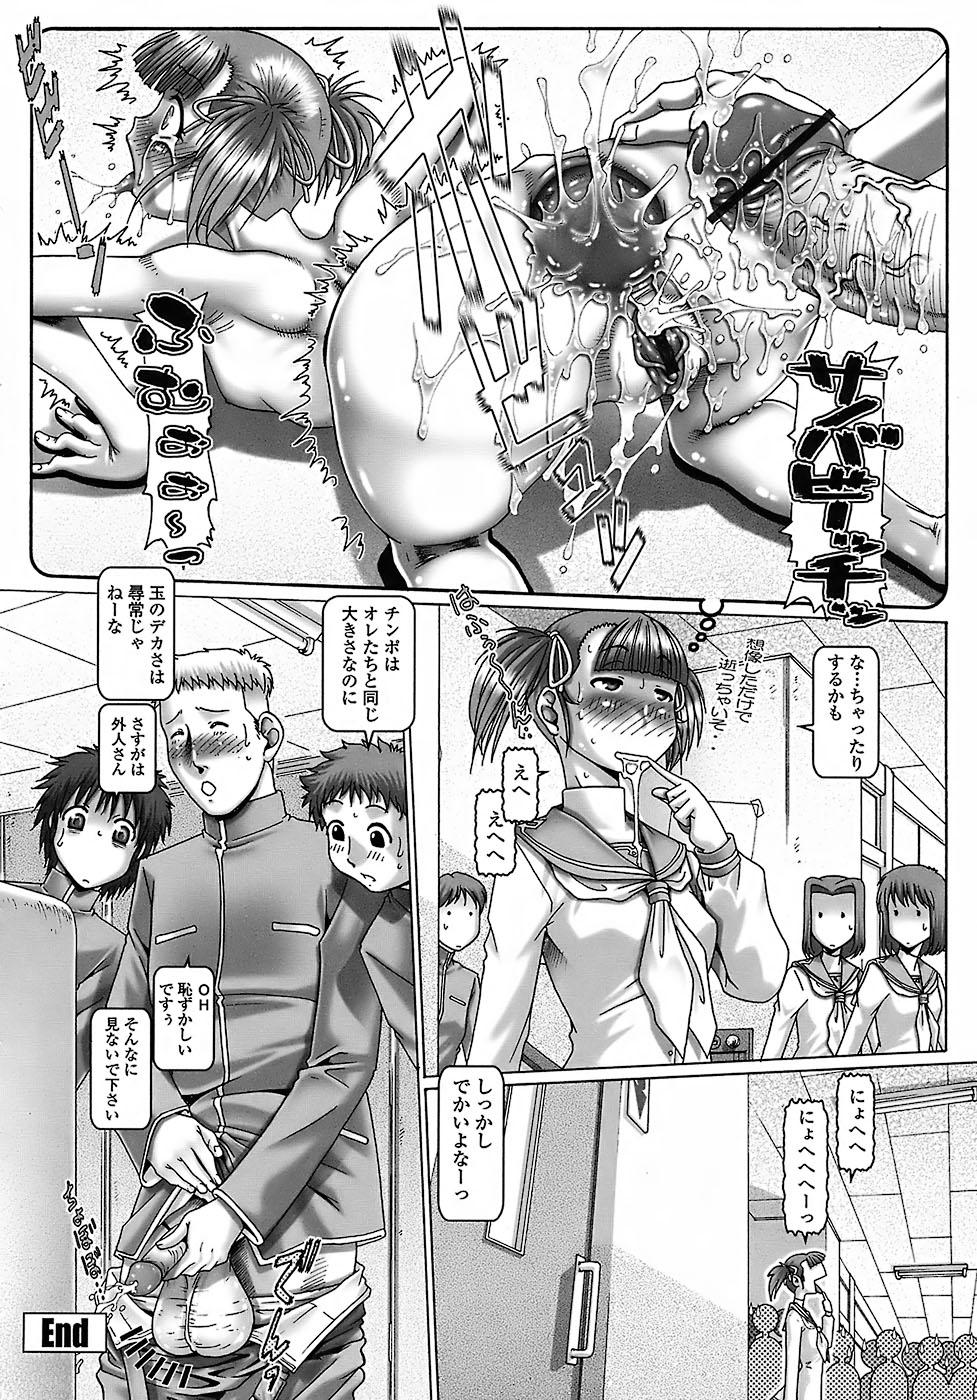 Tenshi no Shizuku 188